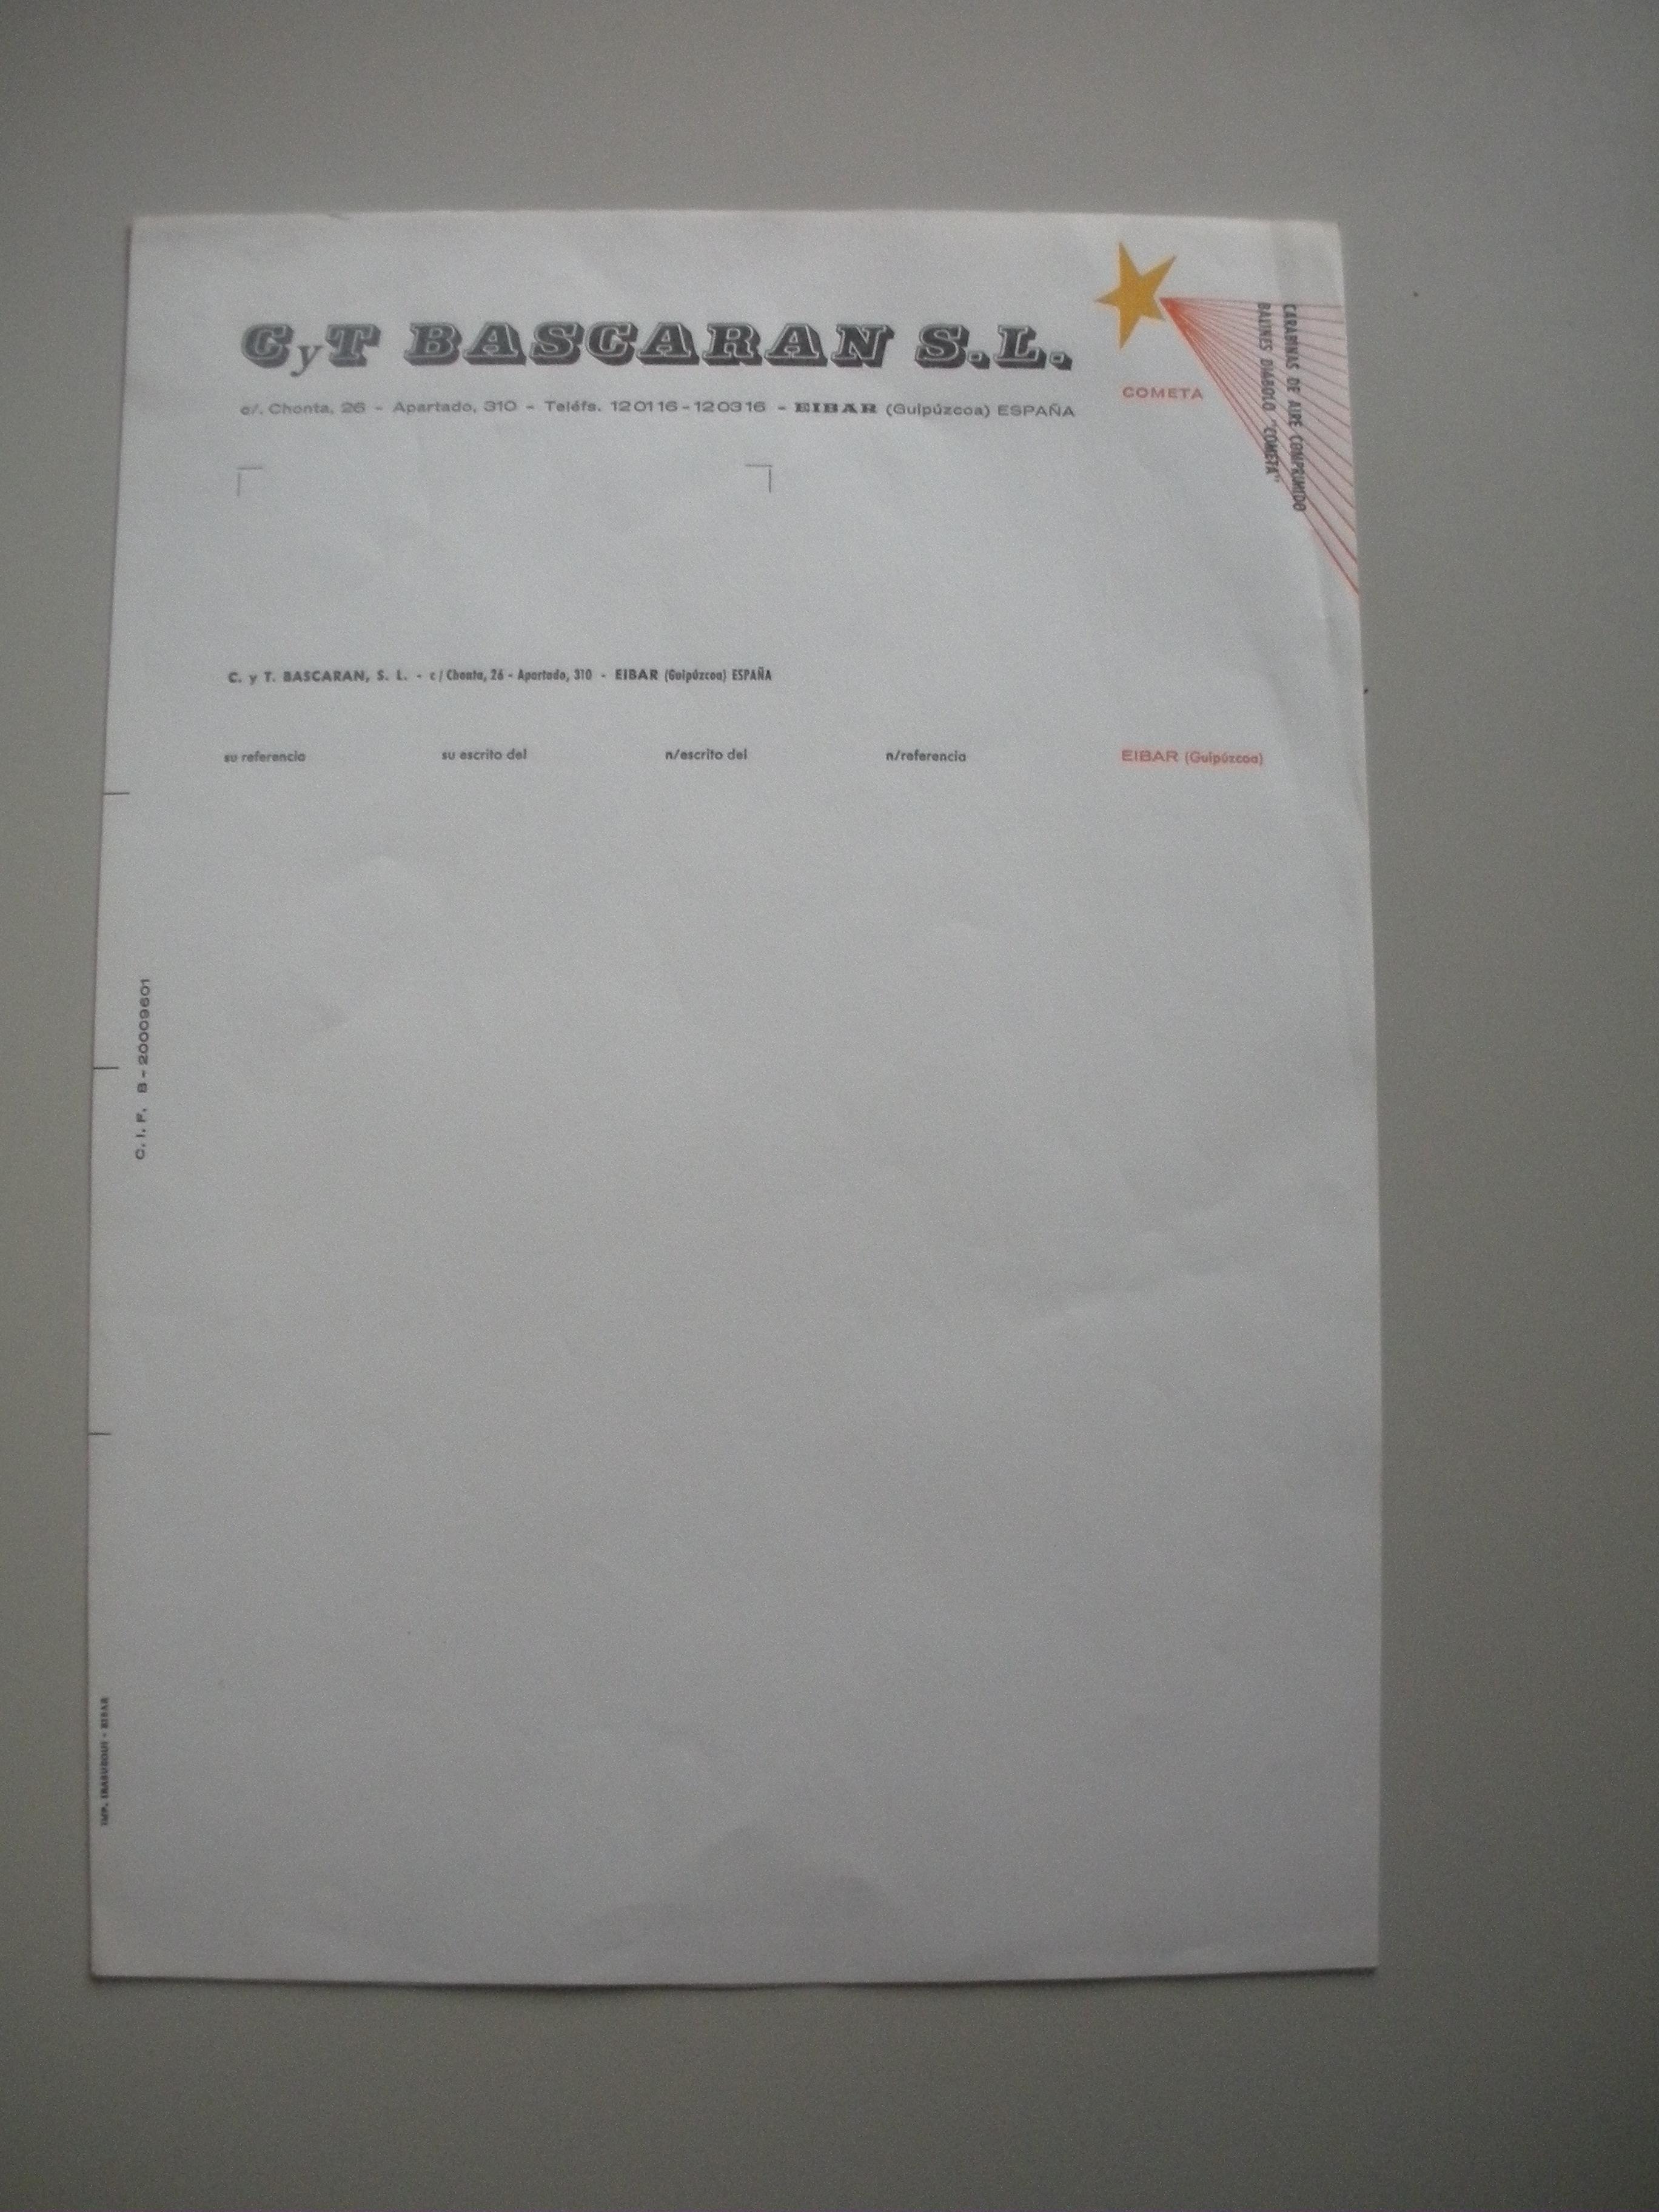 PAPEL DE CARTA CON EL MEMBRETE DE CYT BASCARAN S.L.